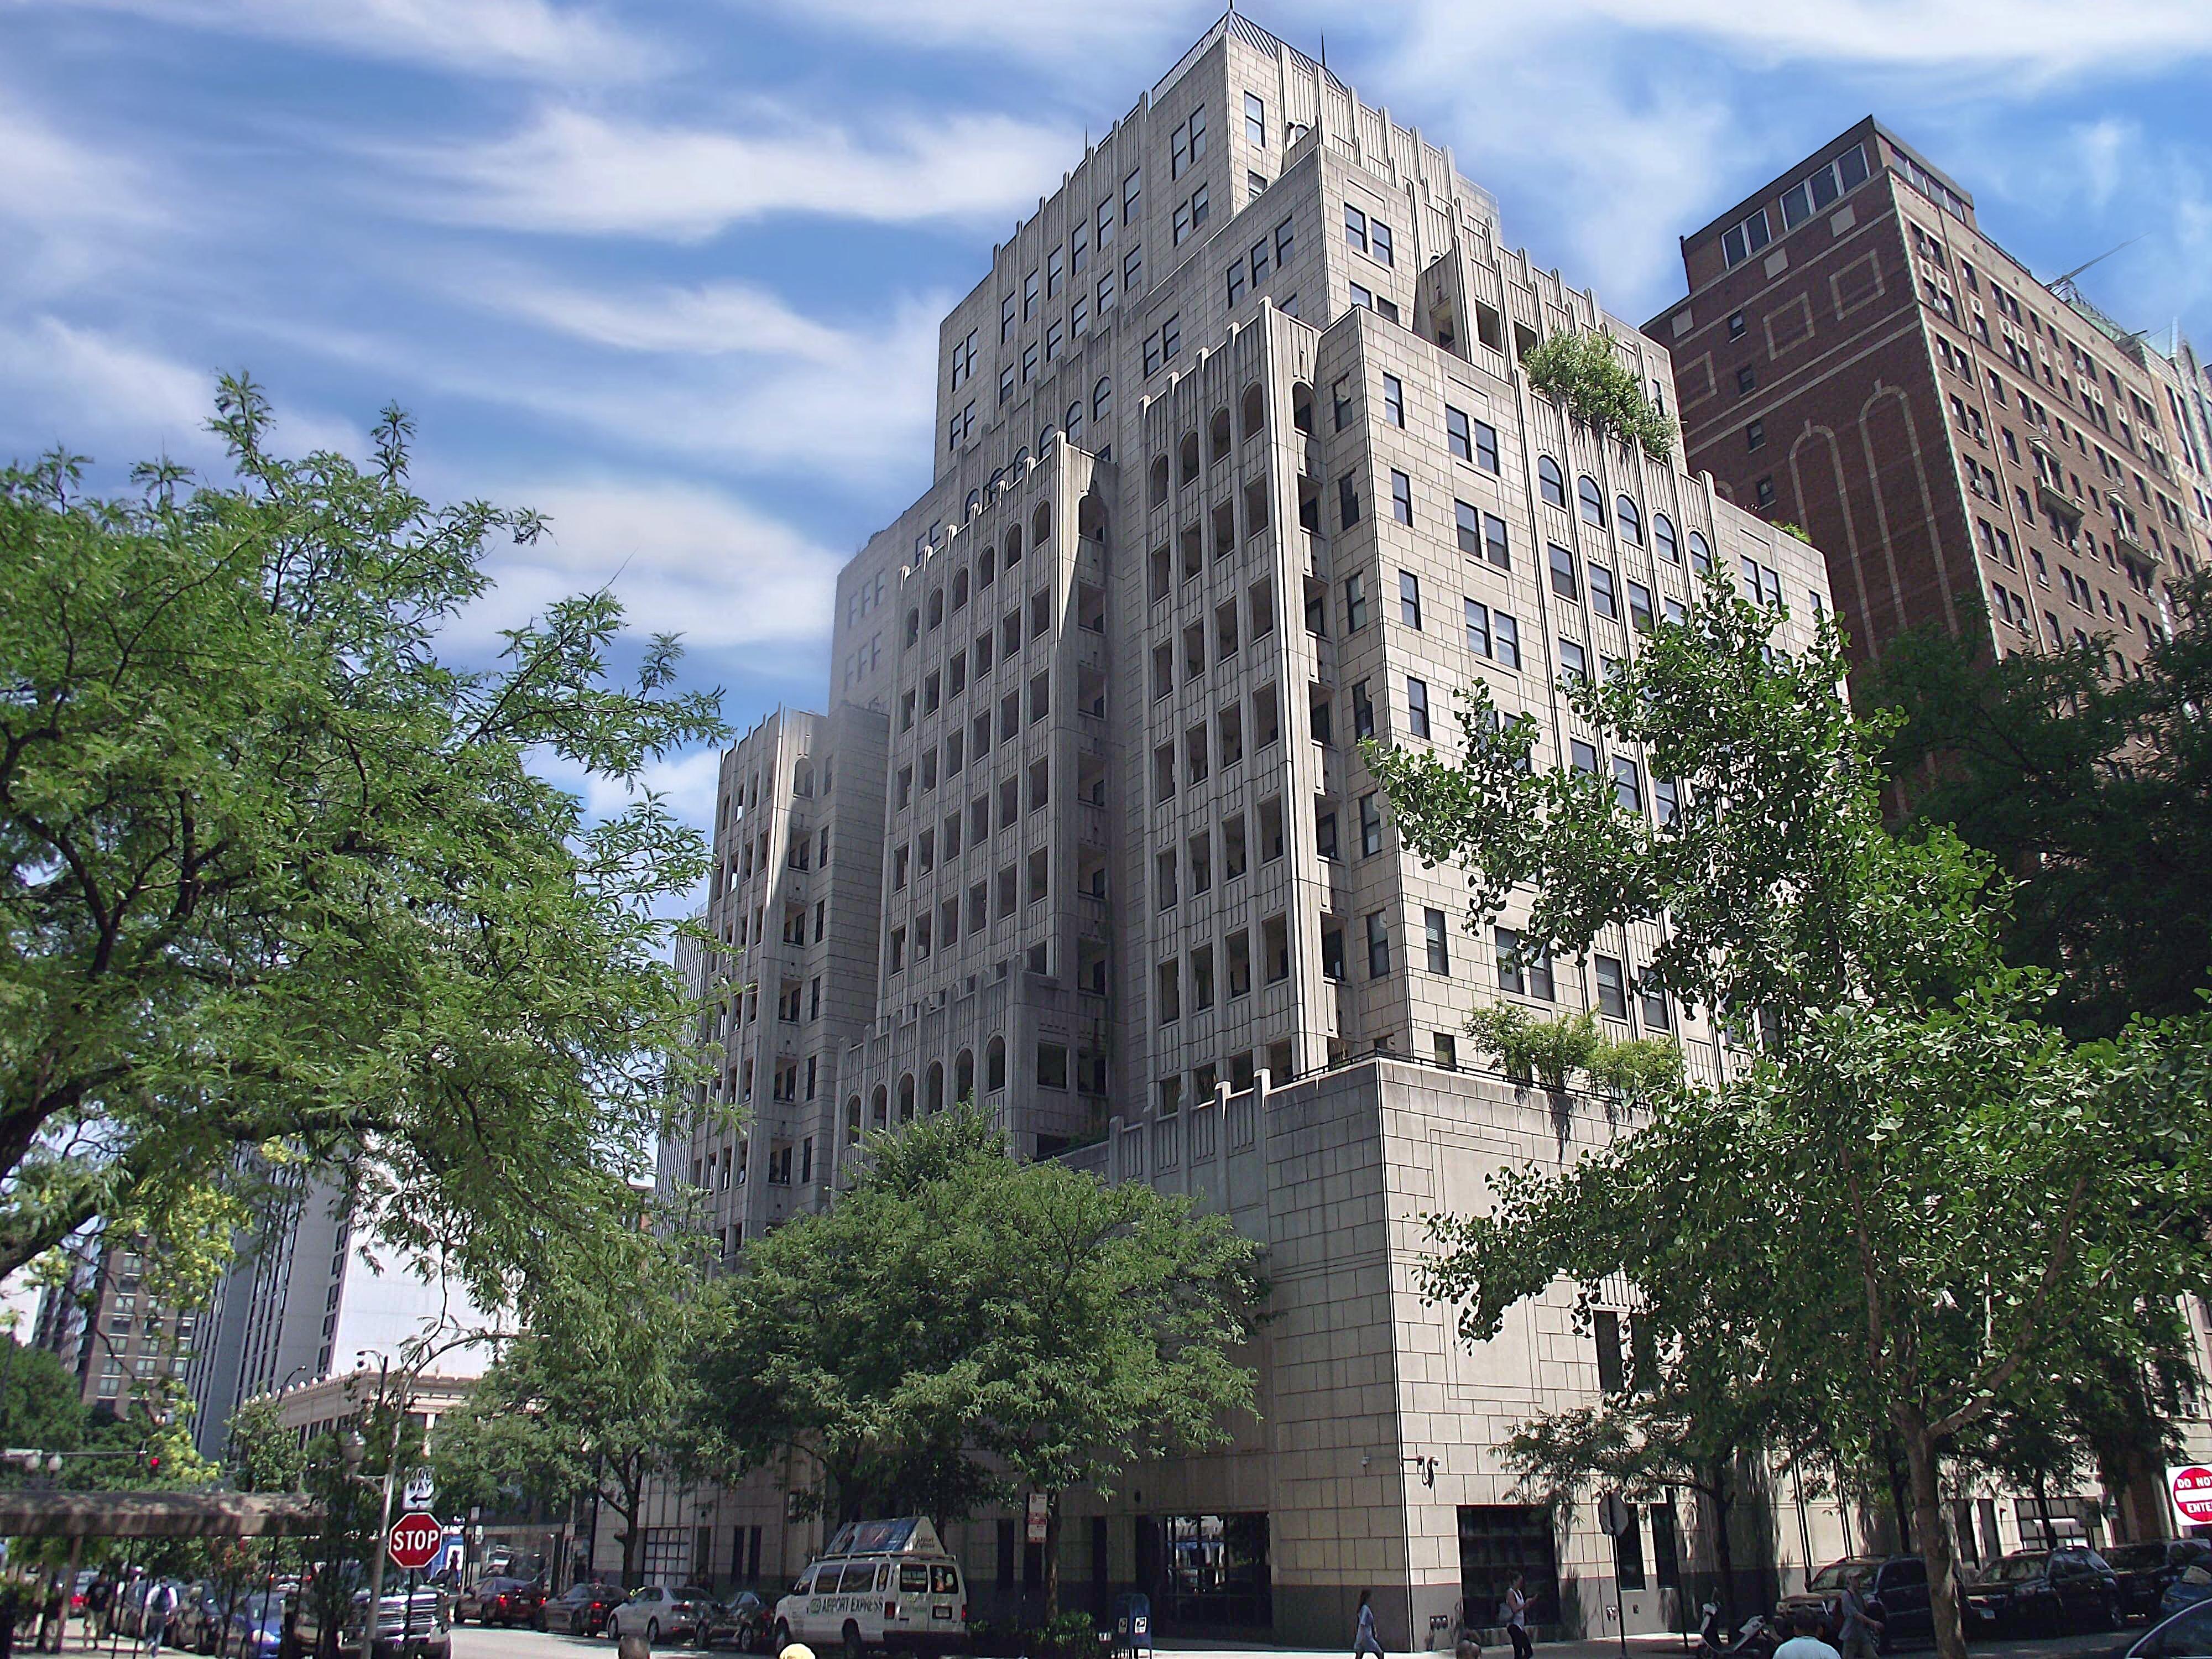 1155 N. Dearborn Condos Chicago